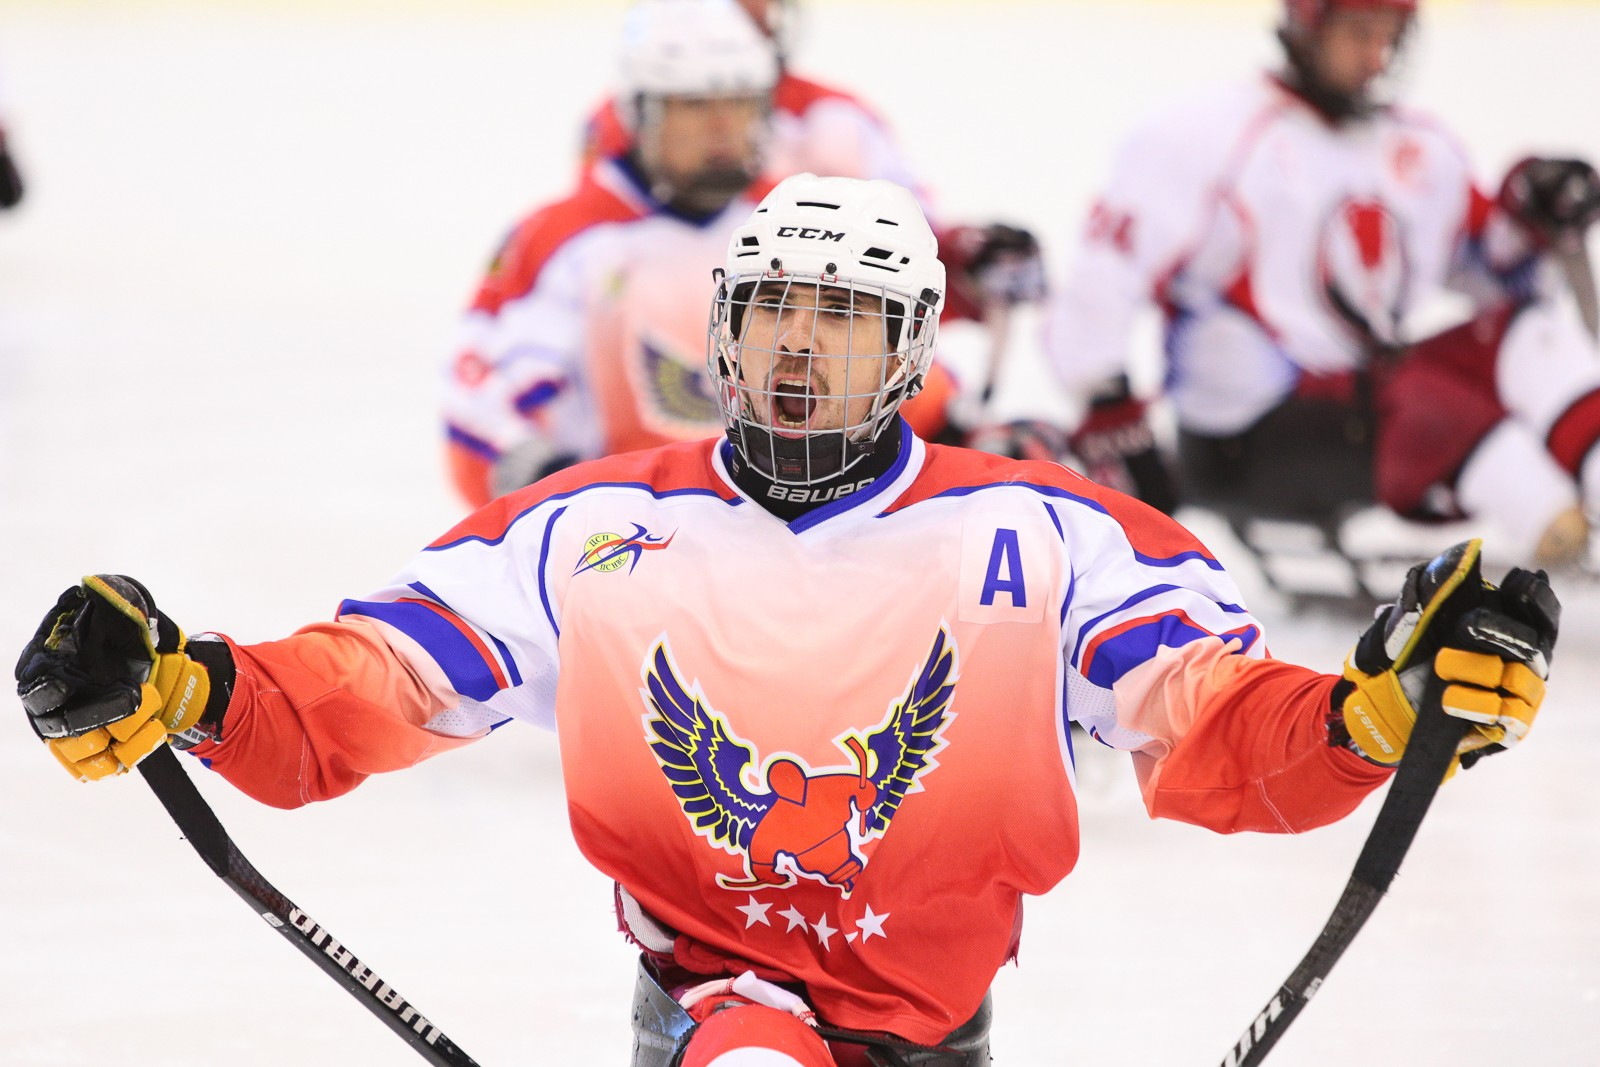 В ДС «Янтарь» в г. Москве завершился первый соревновательный день турнира по хоккею-следж «Кубок Мужества»